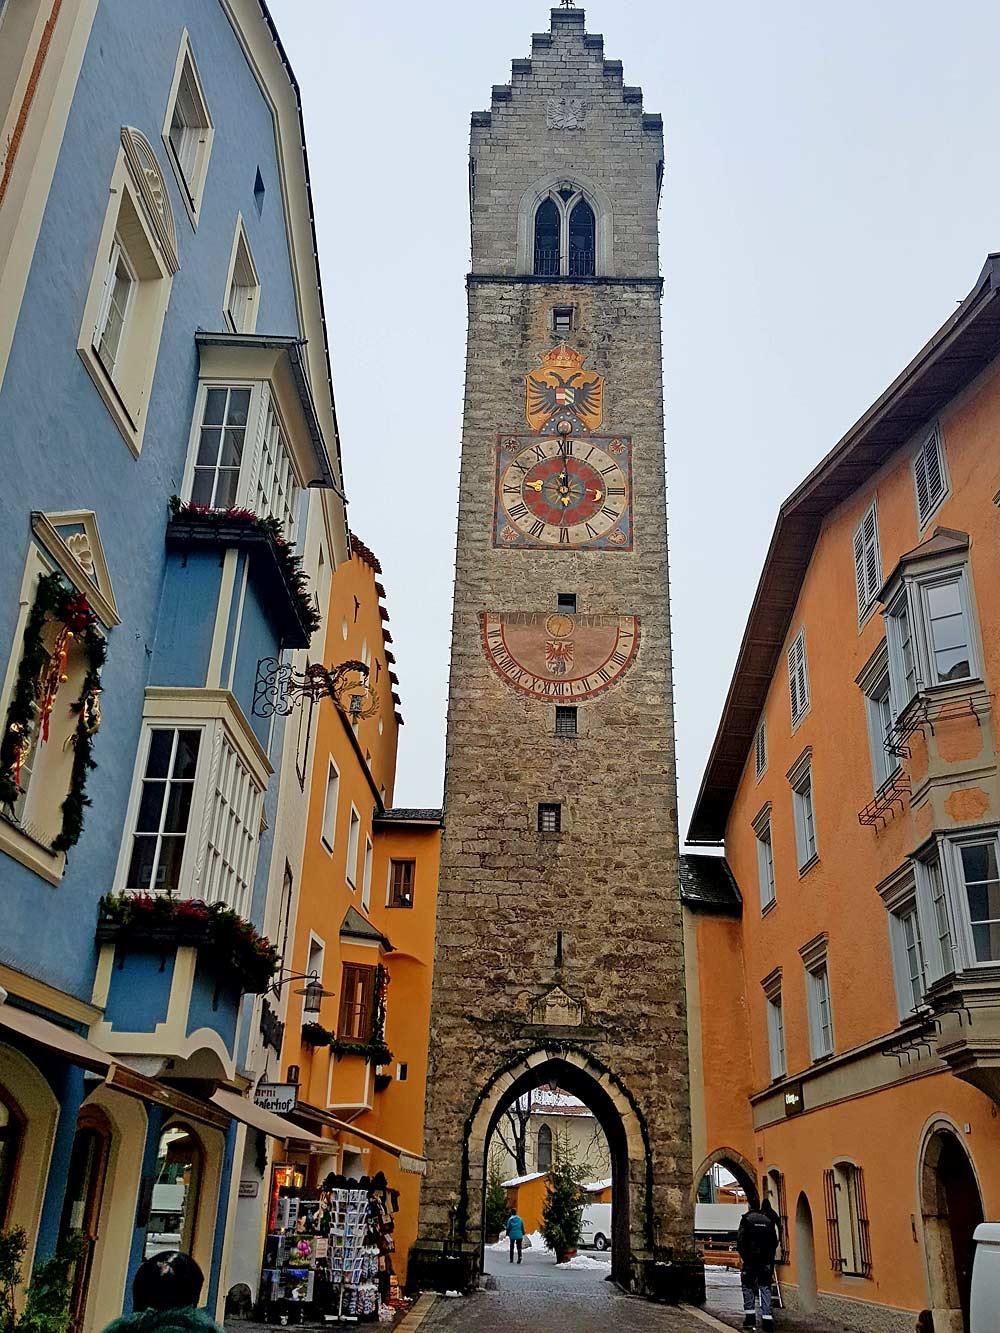 Blick auf den Zwölferturm in der Innenstadt von Sterzing